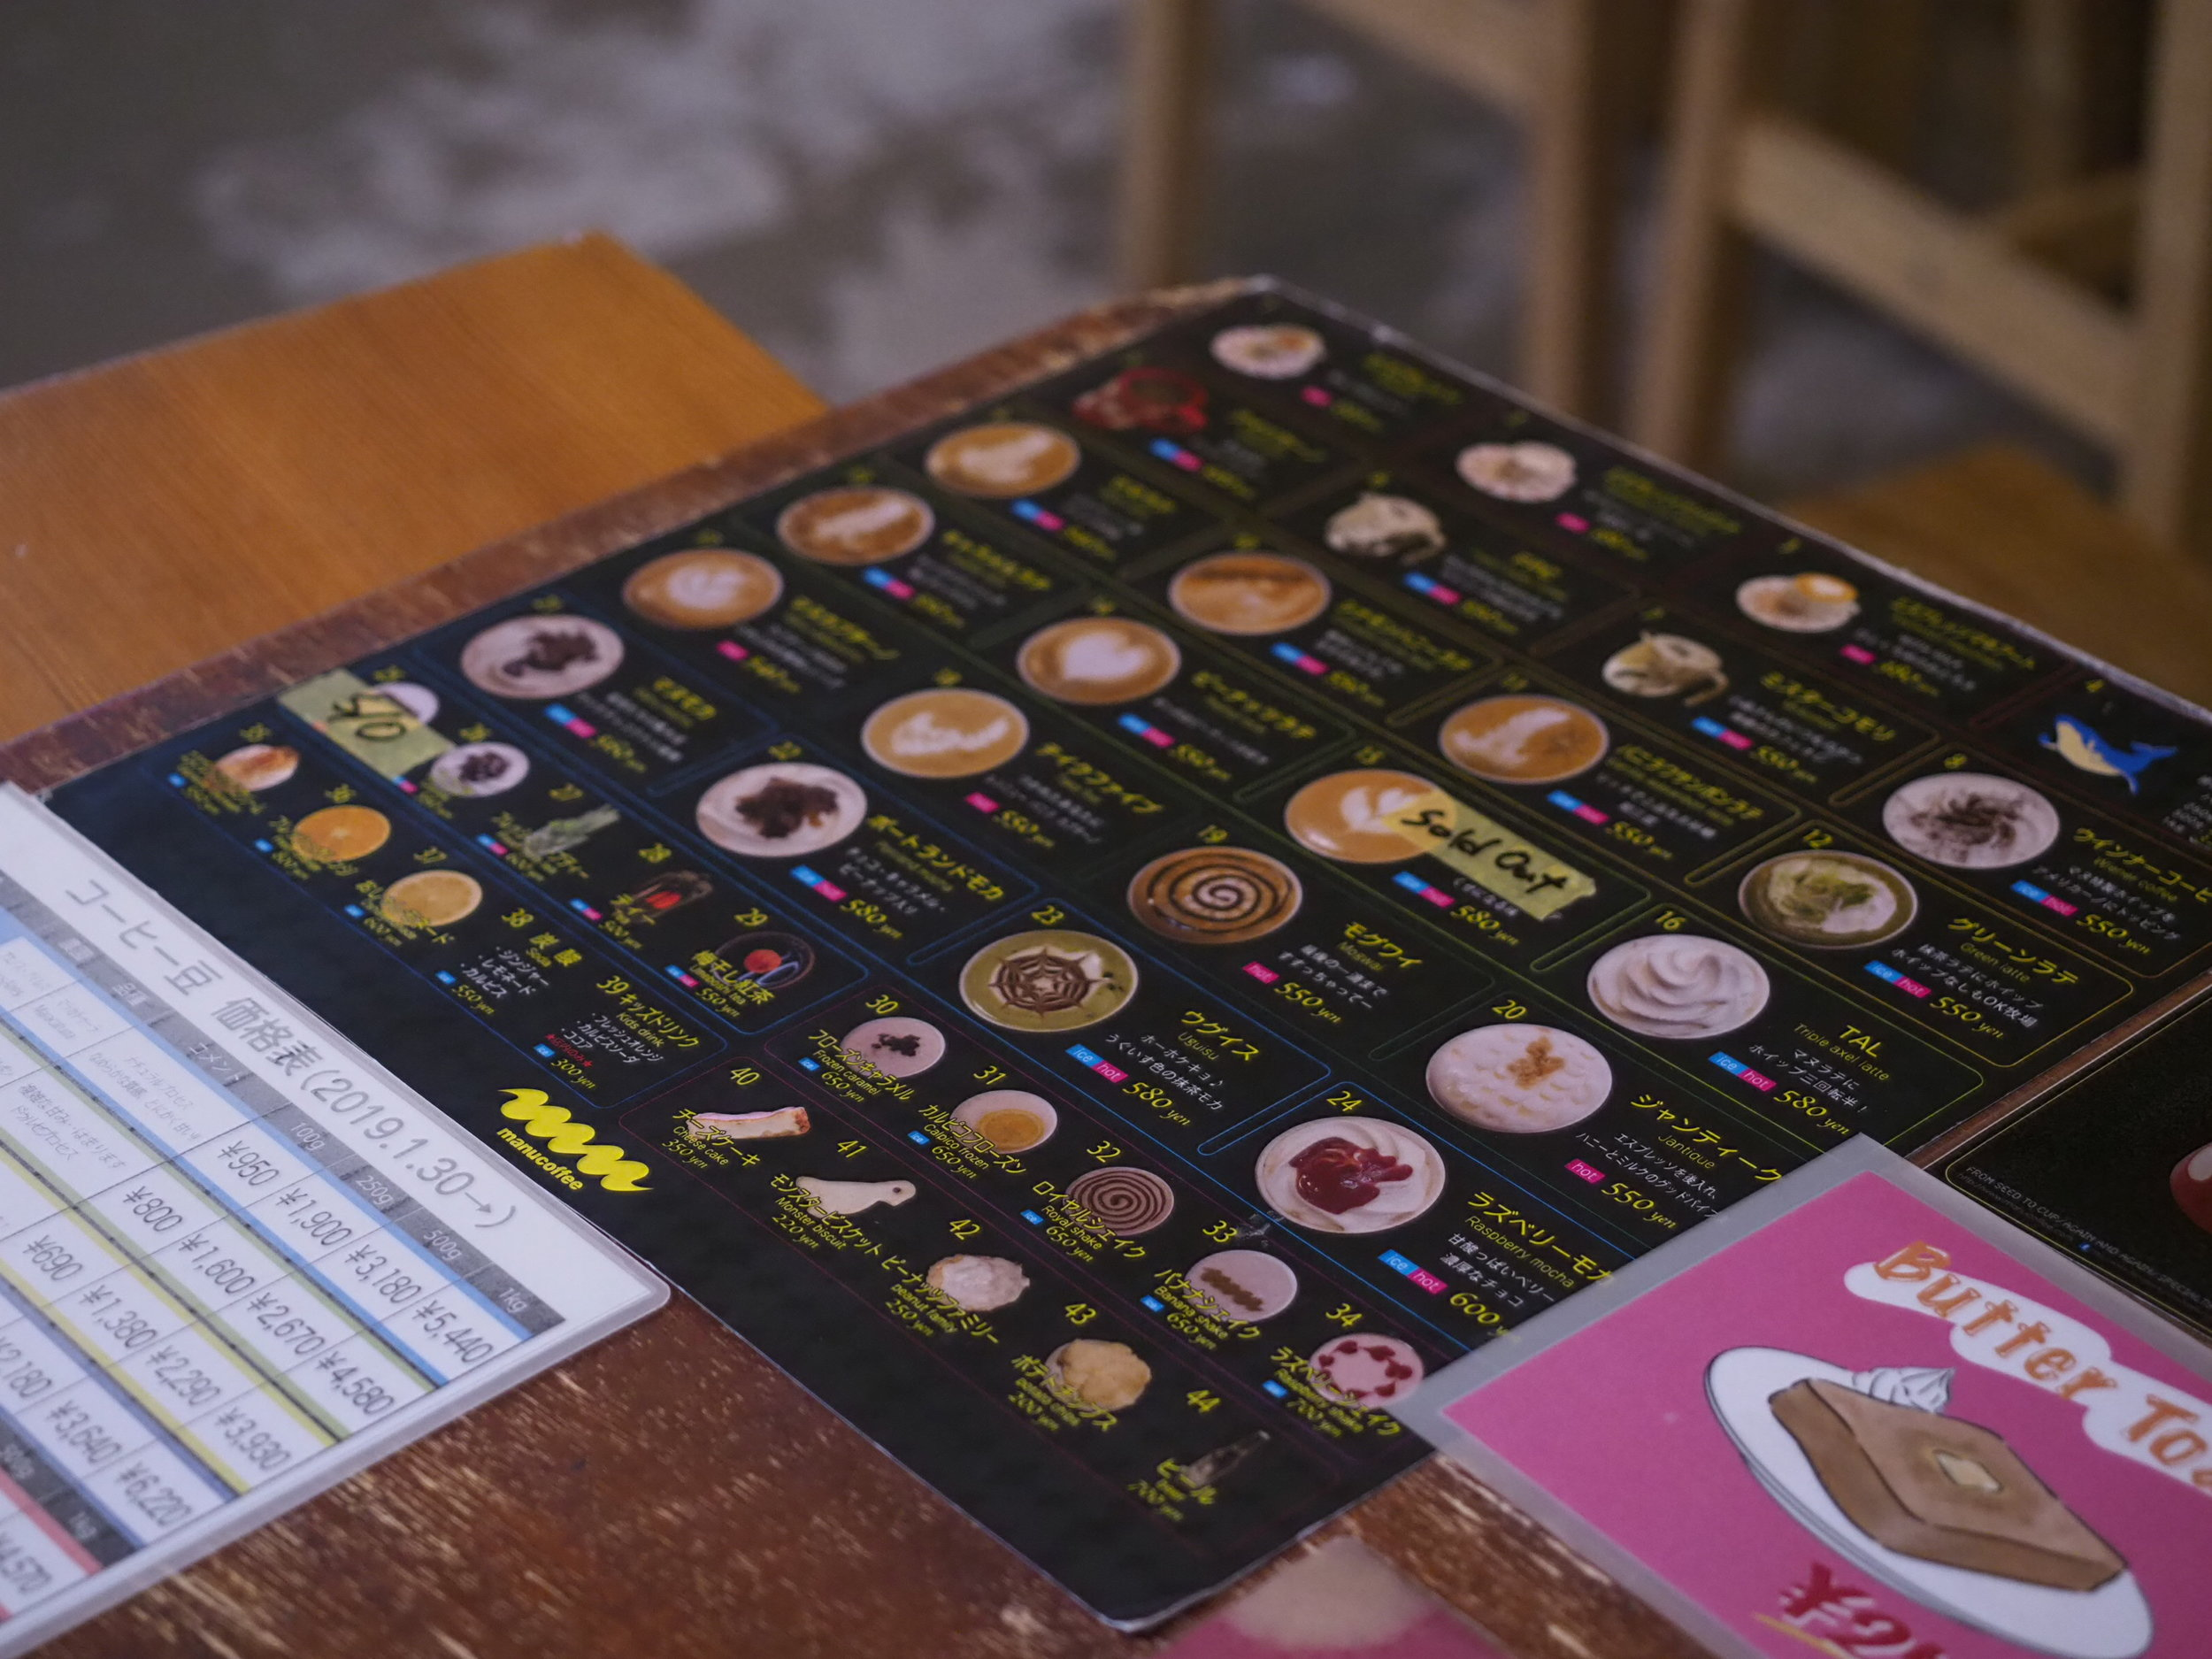 Menu is visually appealing at Manu Cafe